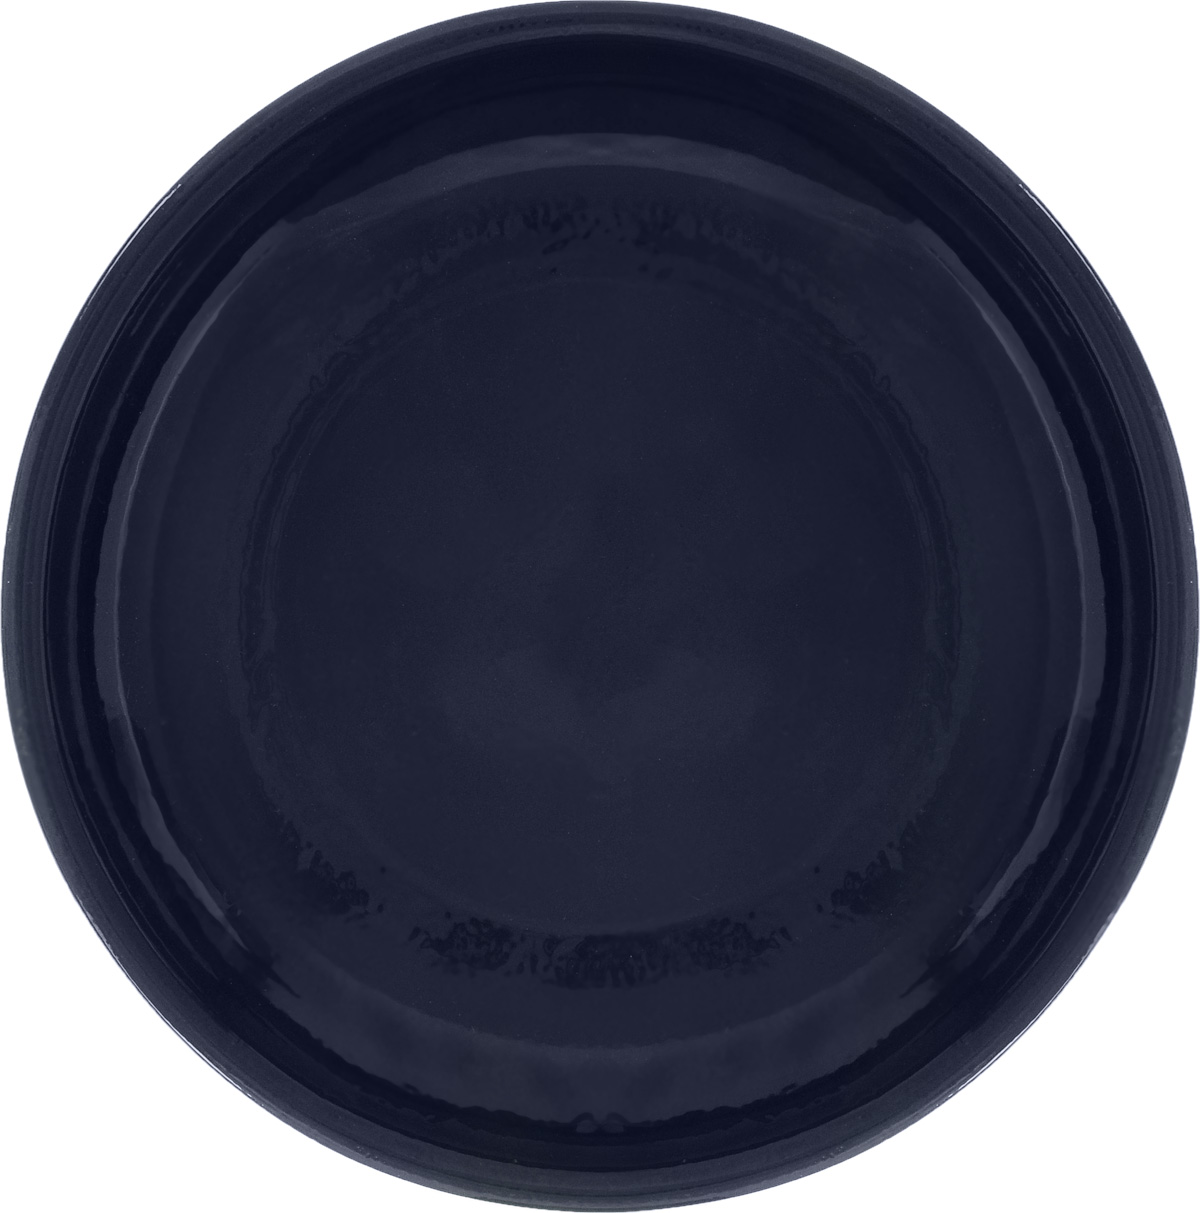 Тарелка Борисовская керамика Радуга, цвет: темно-синий, диаметр 18 смРАД00000458_темно-синийТарелка Борисовская керамика Радуга, изготовленная изглины, имеет изысканный внешний вид. Лаконичный дизайнпридется по вкусу и ценителям классики, и тем, ктопредпочитает утонченность.Такая тарелка идеально подойдет для сервировкистола, а также для запекания вторых блюд в духовке. Тарелка Борисовская керамика Радуга впишется в любойинтерьер современной кухни и станет отличным подарком длявас и ваших близких. Можно использовать в микроволновой печи и духовке.Диаметр (по верхнему краю): 18 см.